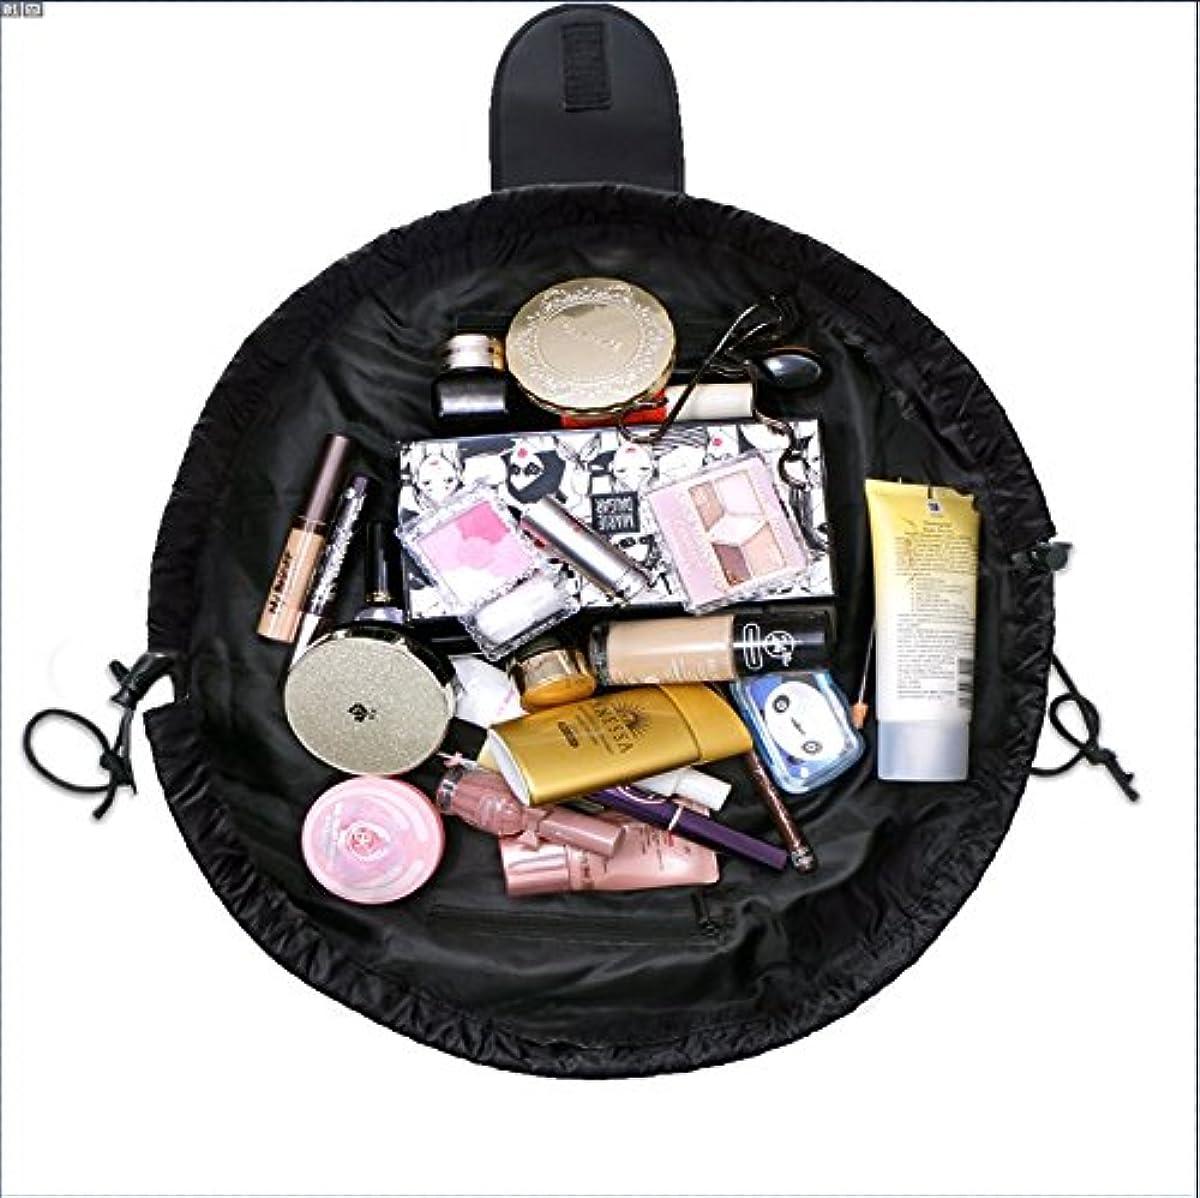 章階下不良品旅行化粧バッグ ファッションお手軽カジュアル巾着旅行防水大容量の化粧バック (ブラック)